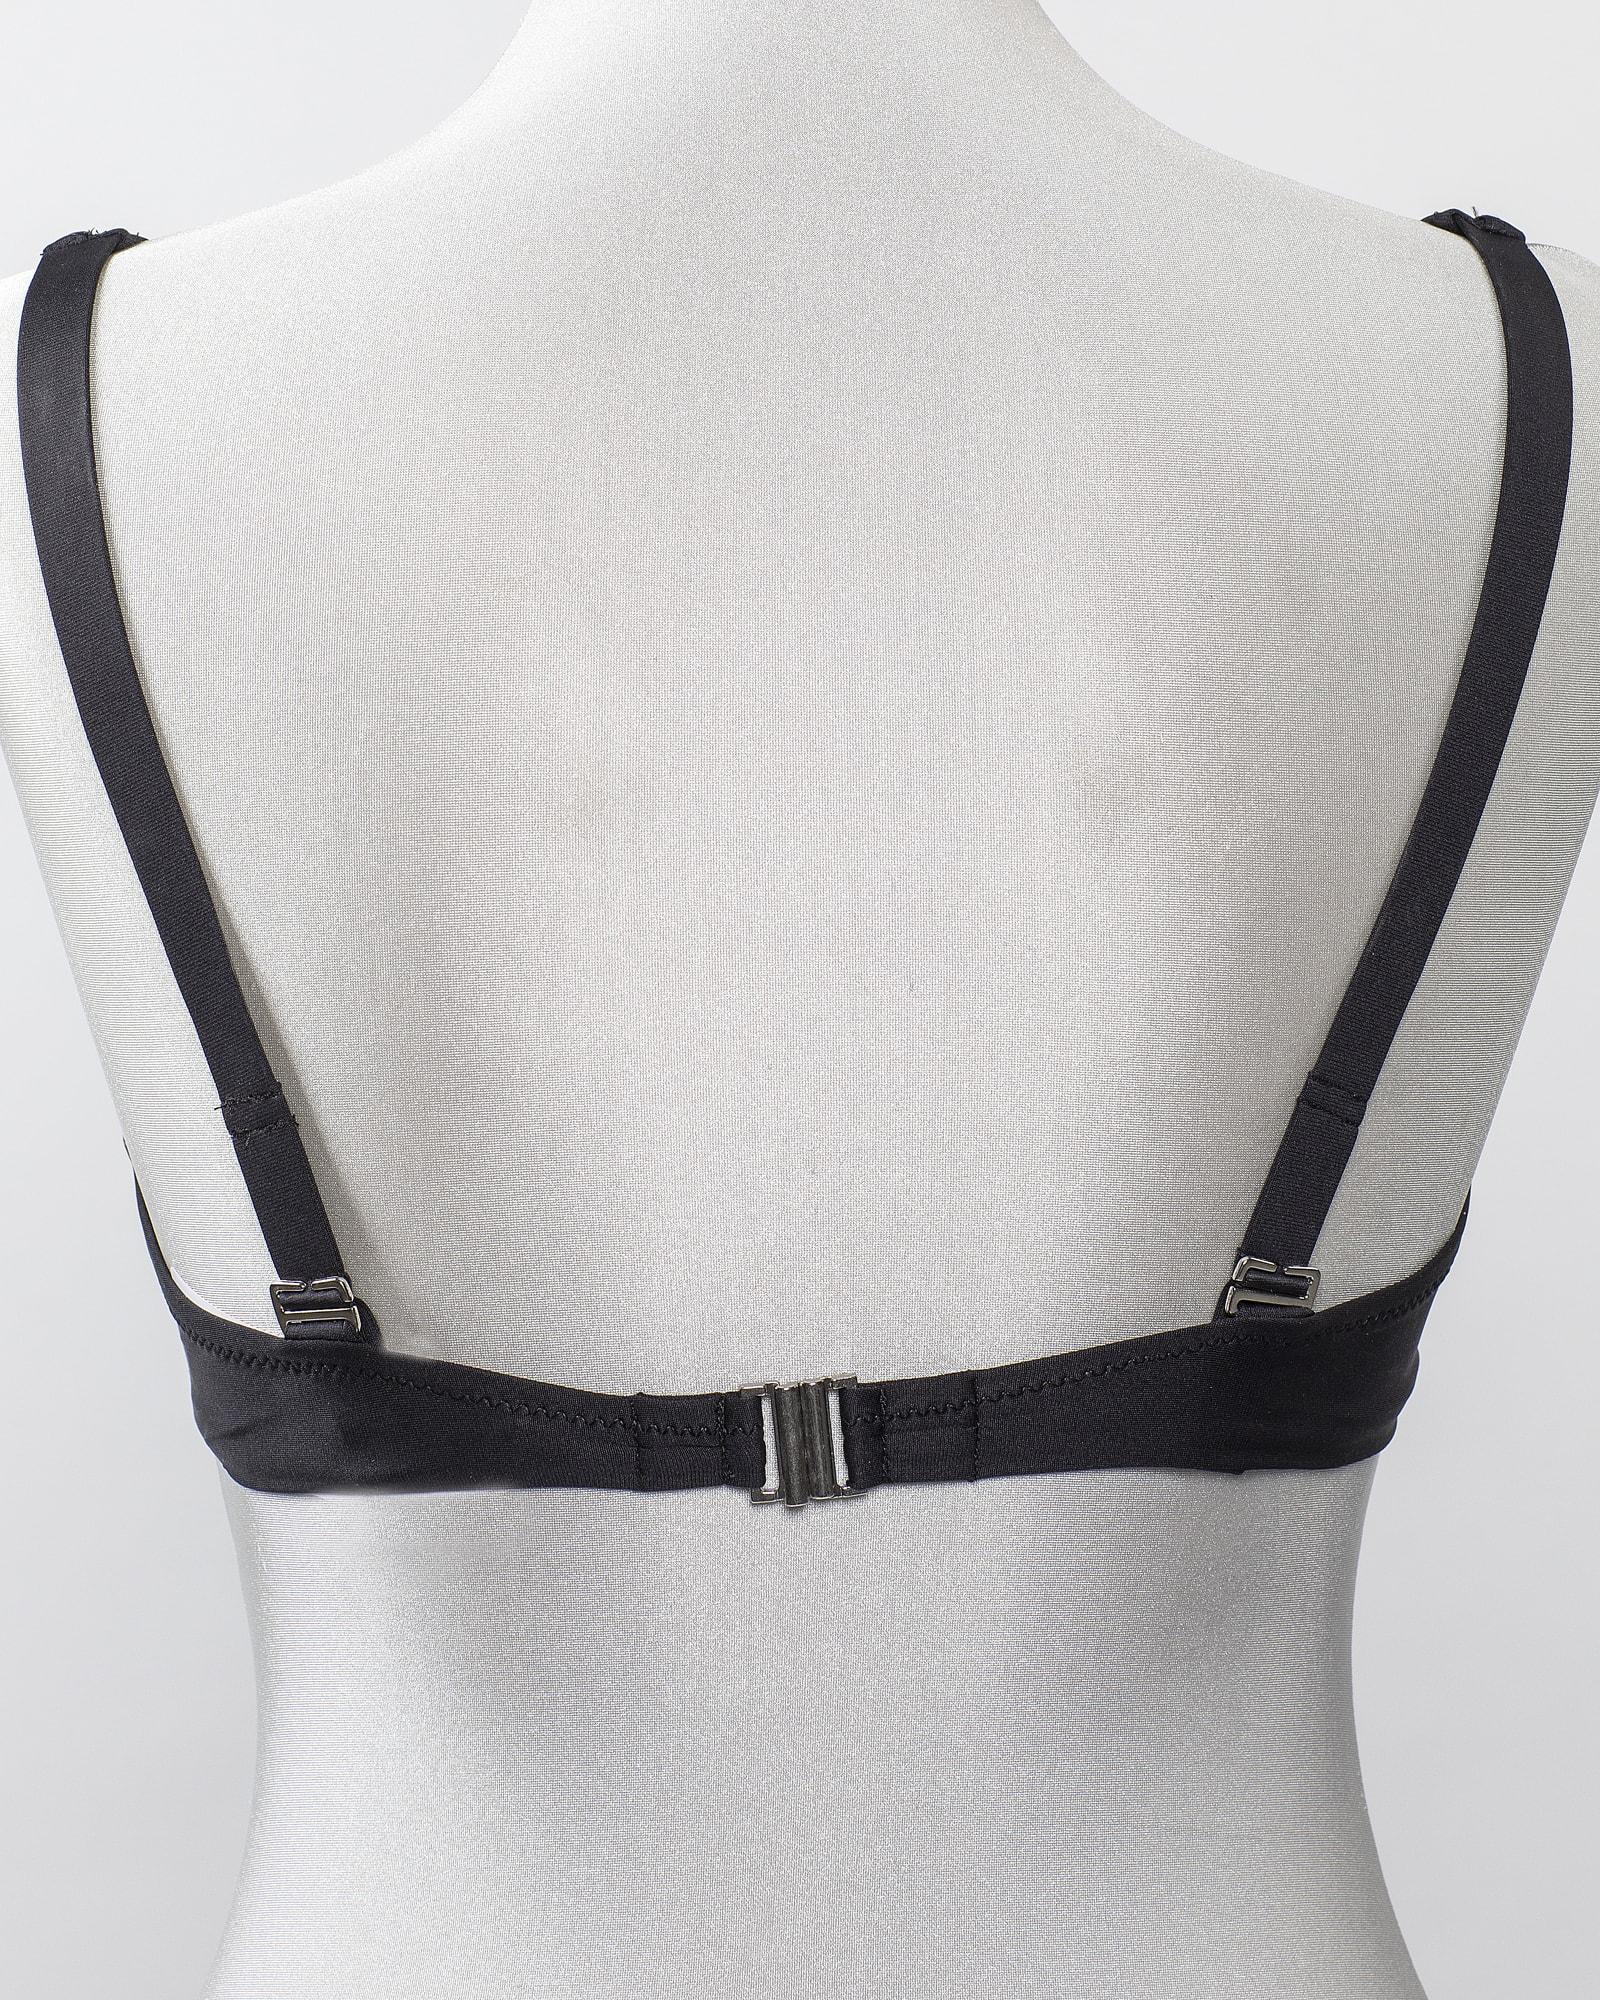 Antigel L'estivale Chic Bikini Top - Black fba3216-0005 c